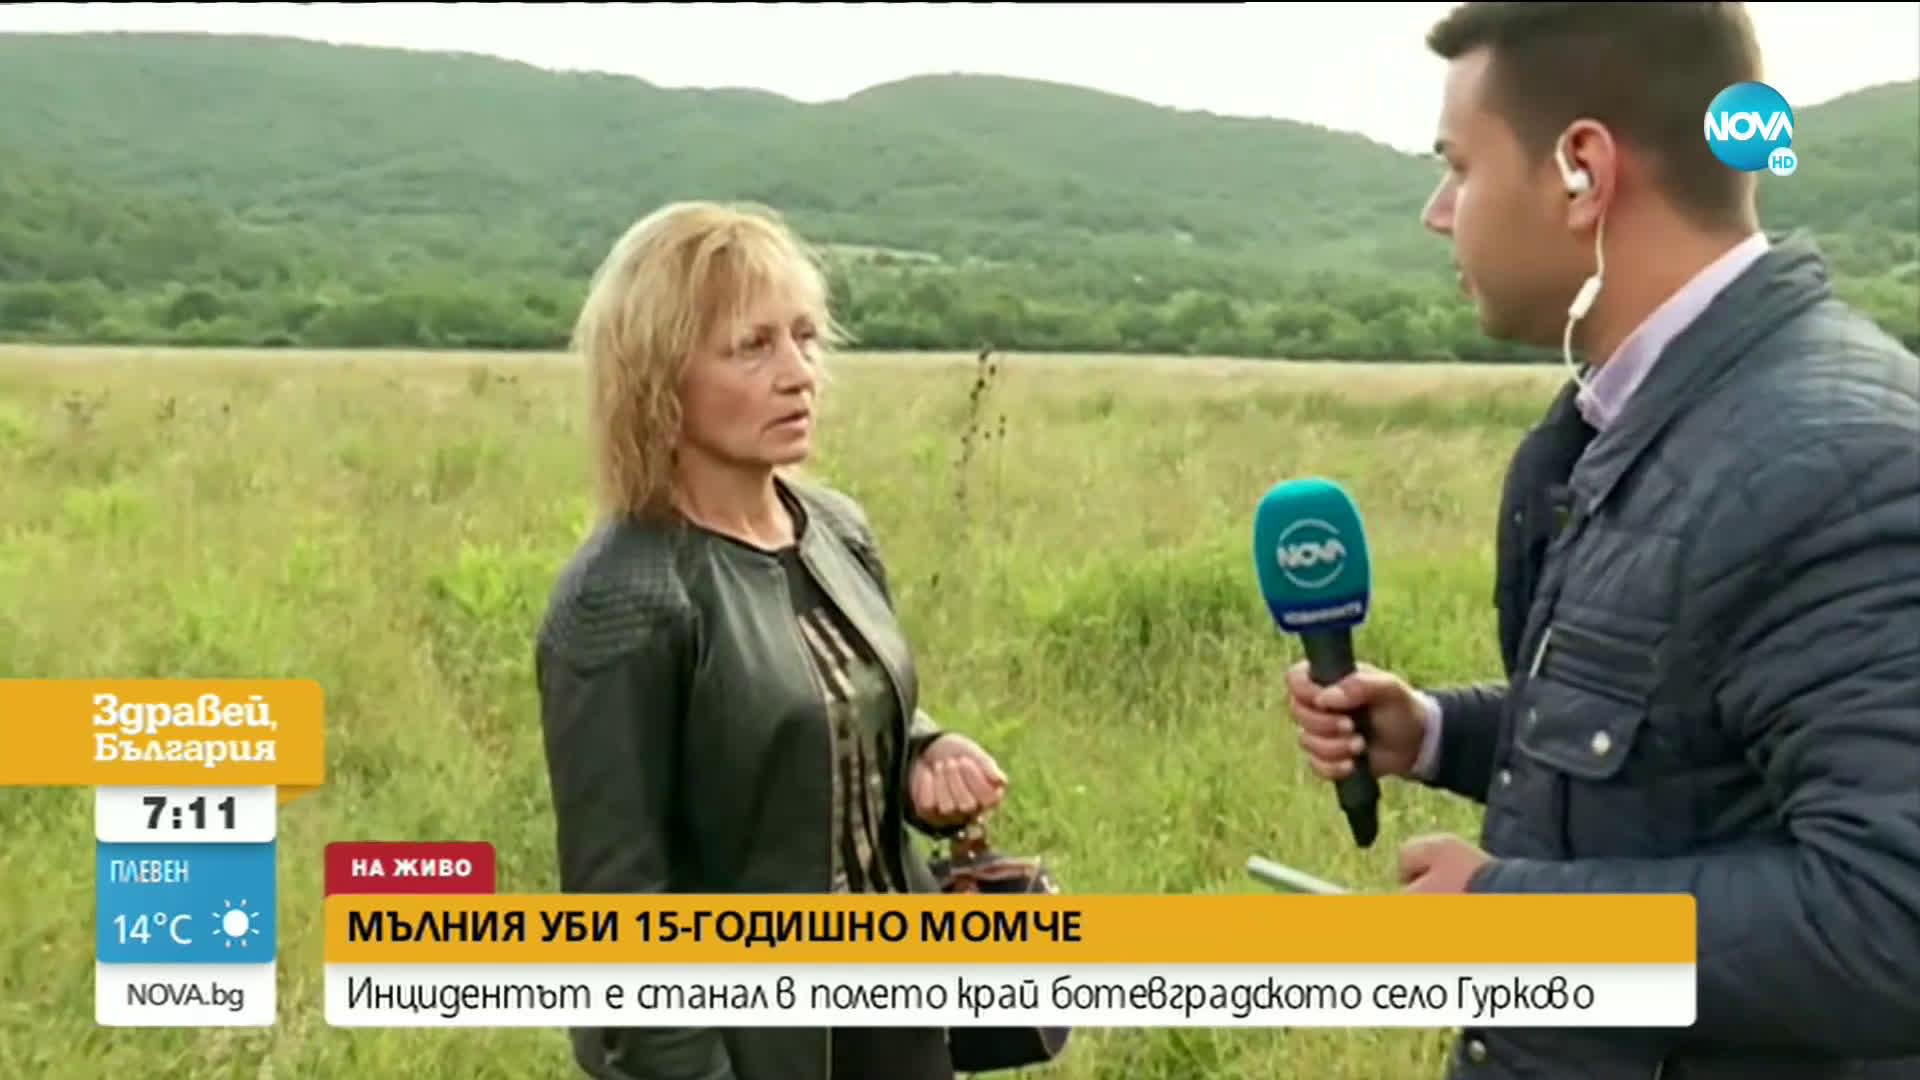 Как мълния уби момче в Ботевградско?